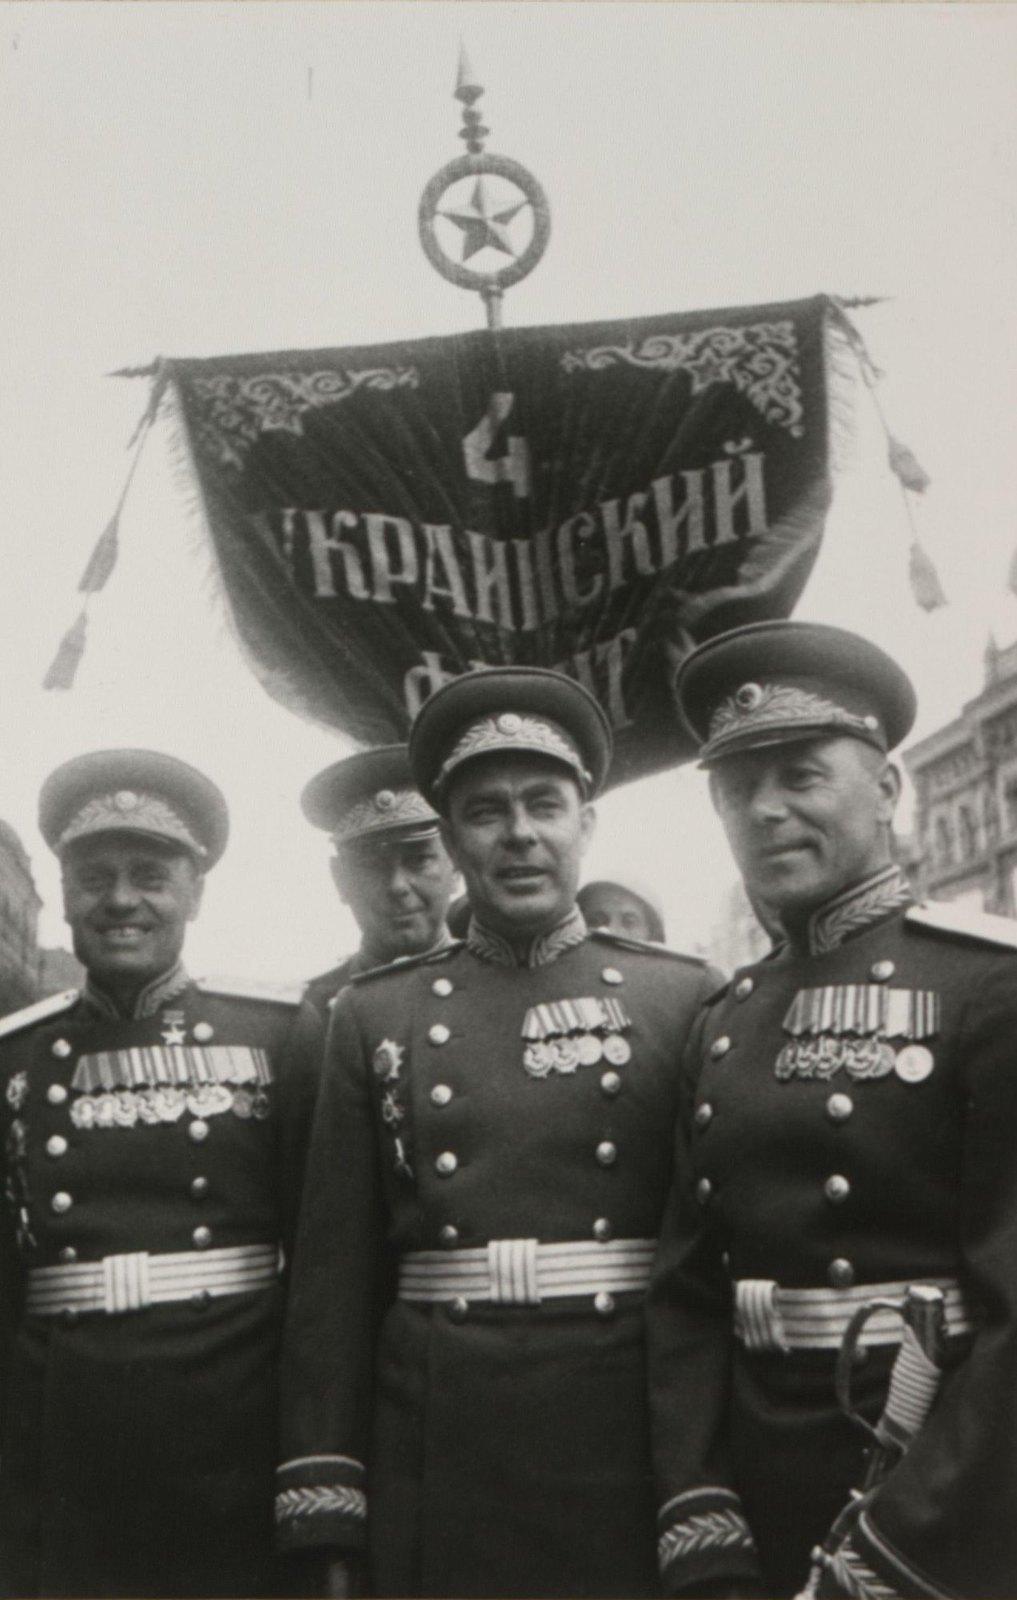 01. Группа командиров 4-го Украинского фронта на Параде Победы. 24 июня 1945